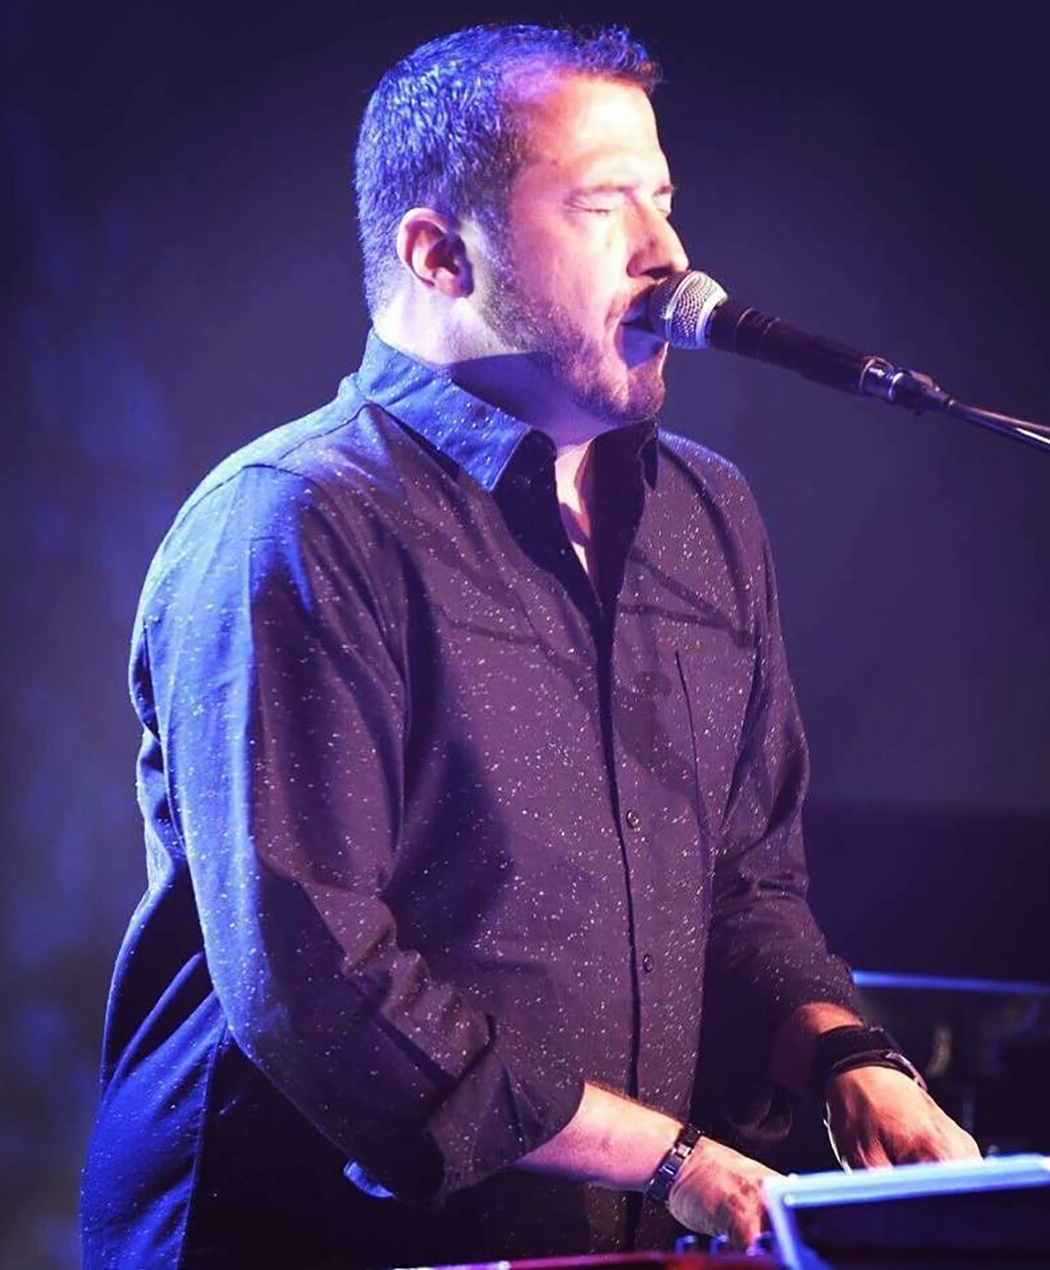 Keith James